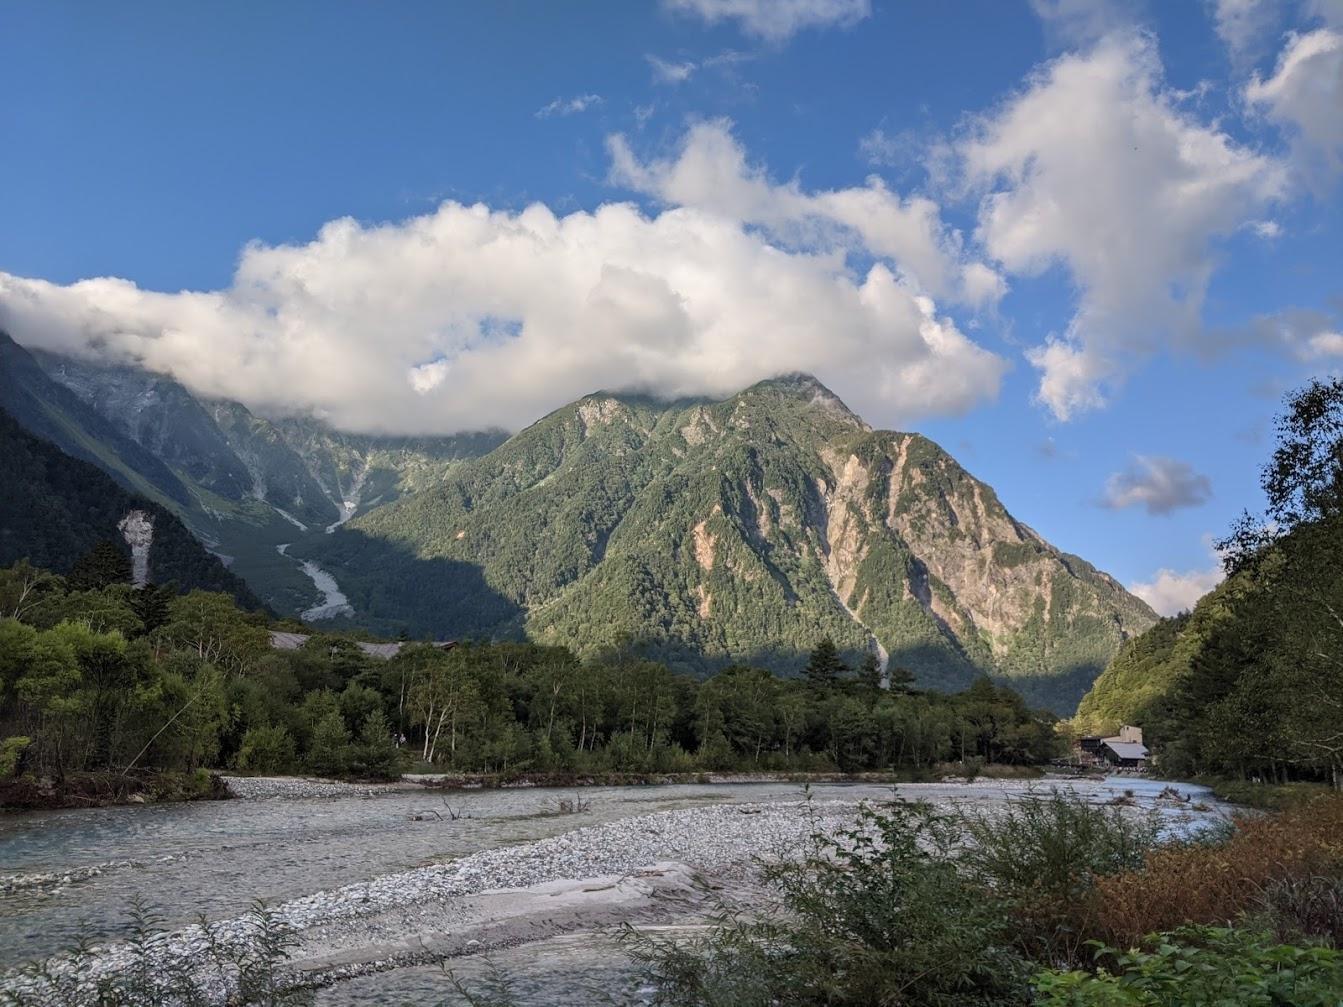 Японские Альпы (официальное название, не судите)